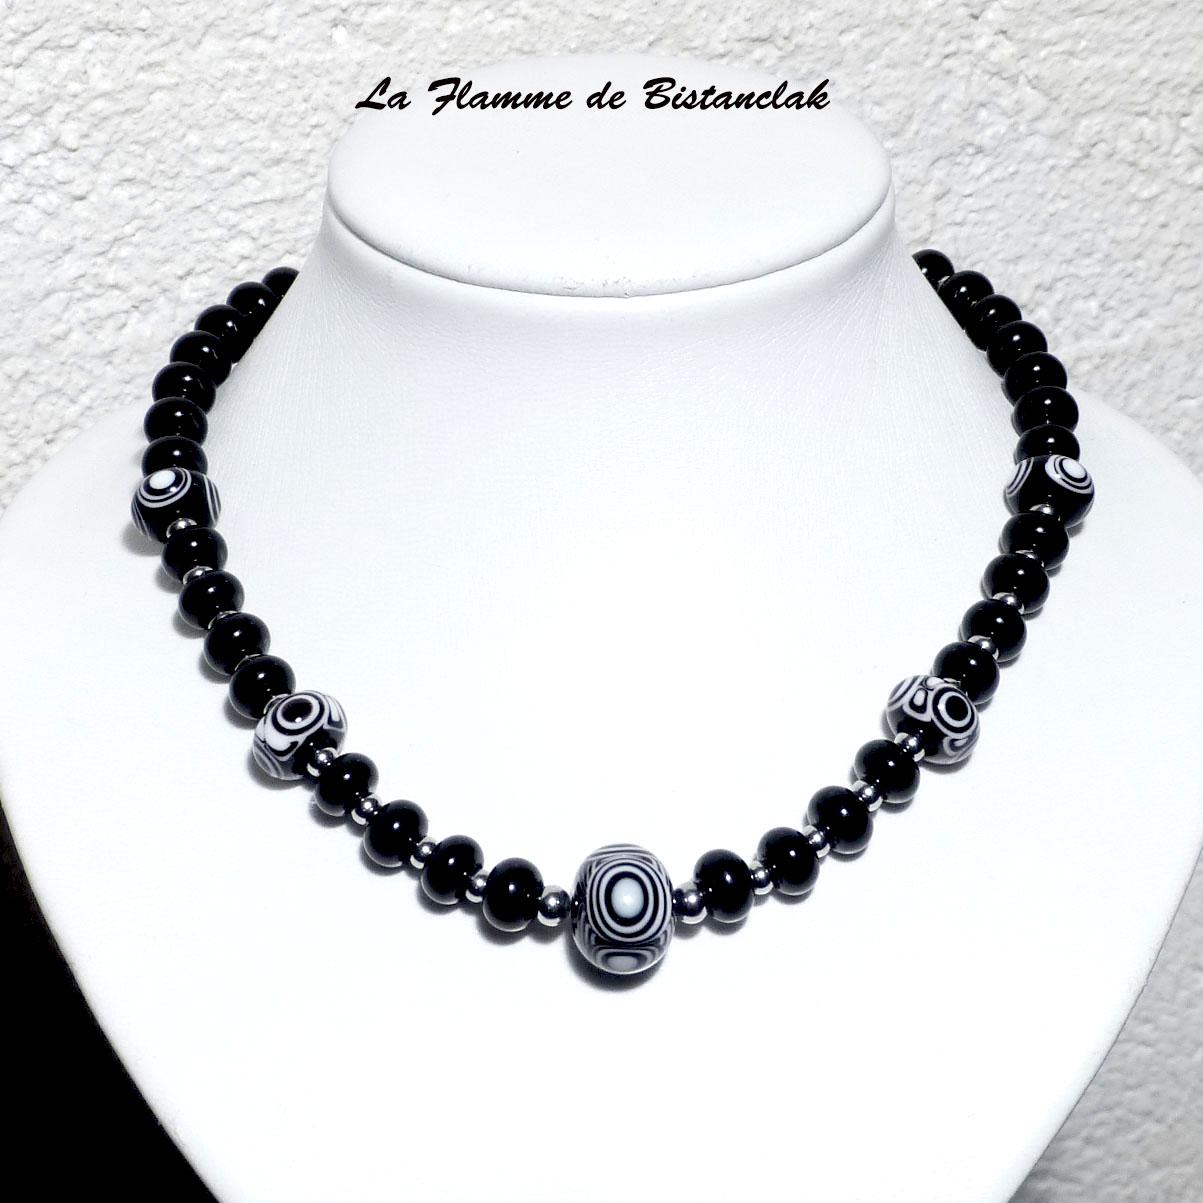 Bijou noir et blanc en perles de verre